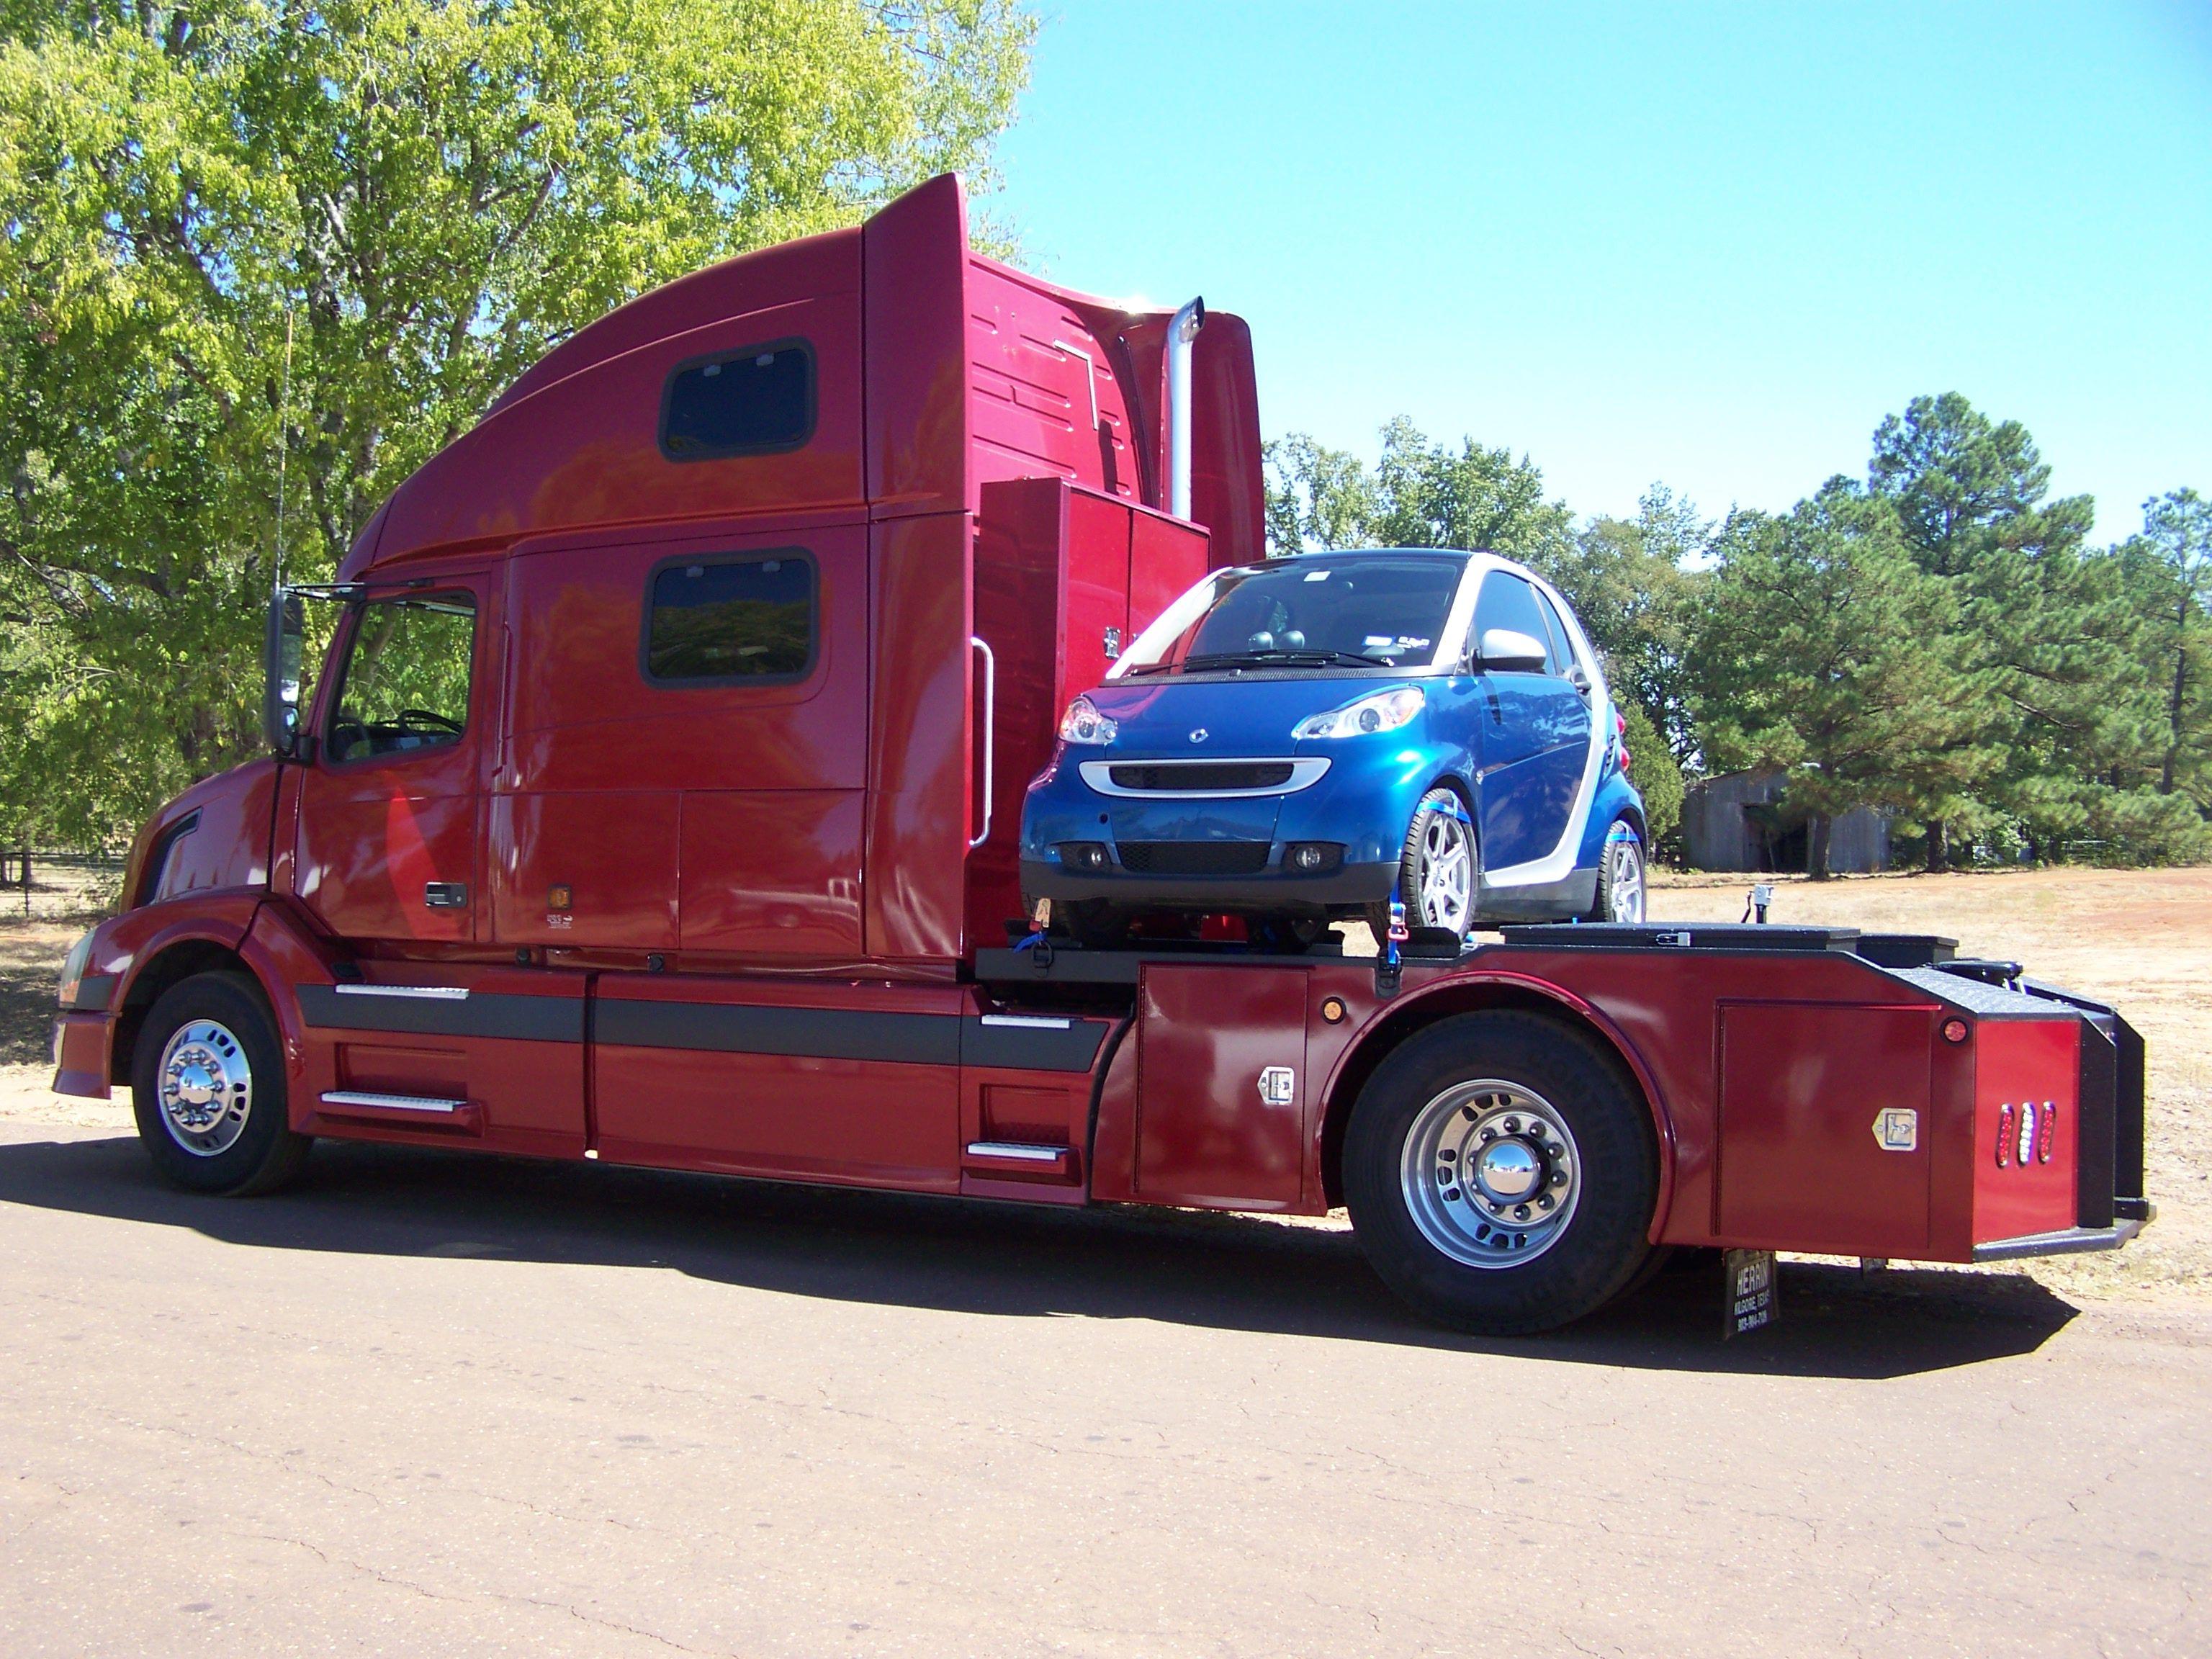 Volvo Smart Car RV hauler | Rv trailers, Trucks, Volvo trucks